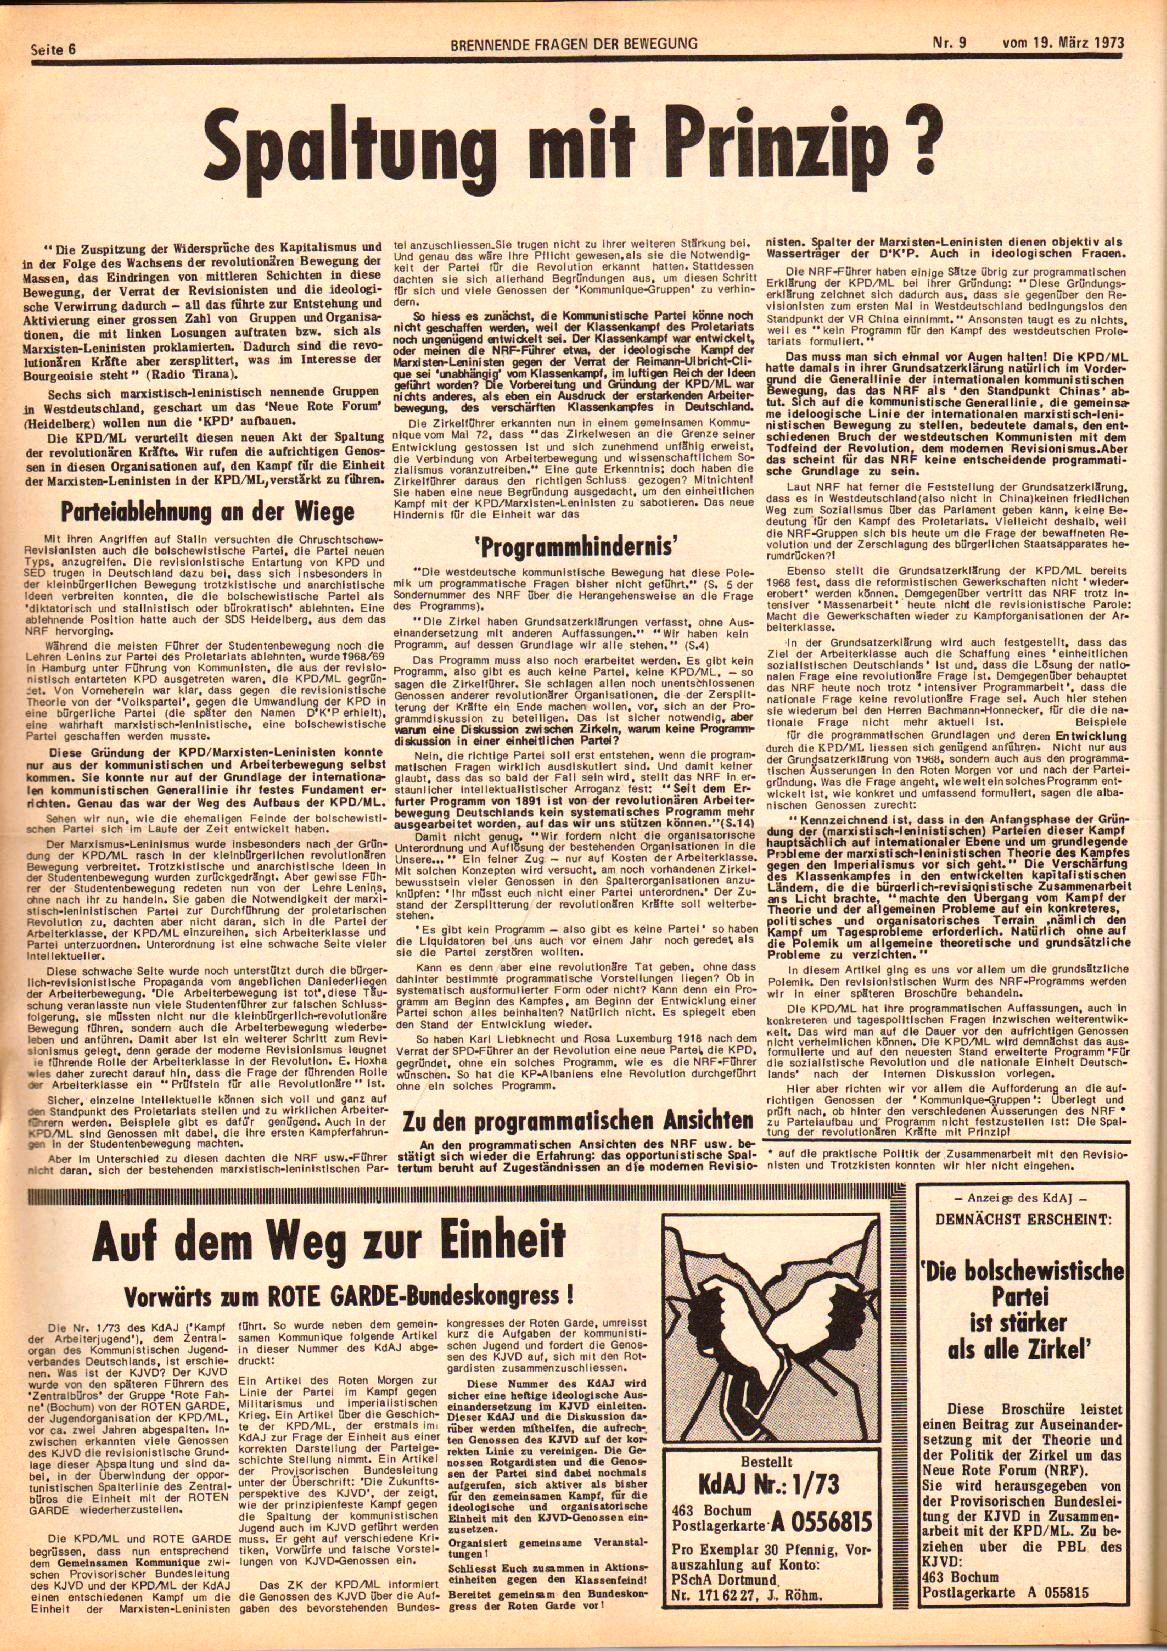 Roter Morgen, 7. Jg., 10. März 1973, Nr. 9, Seite 6